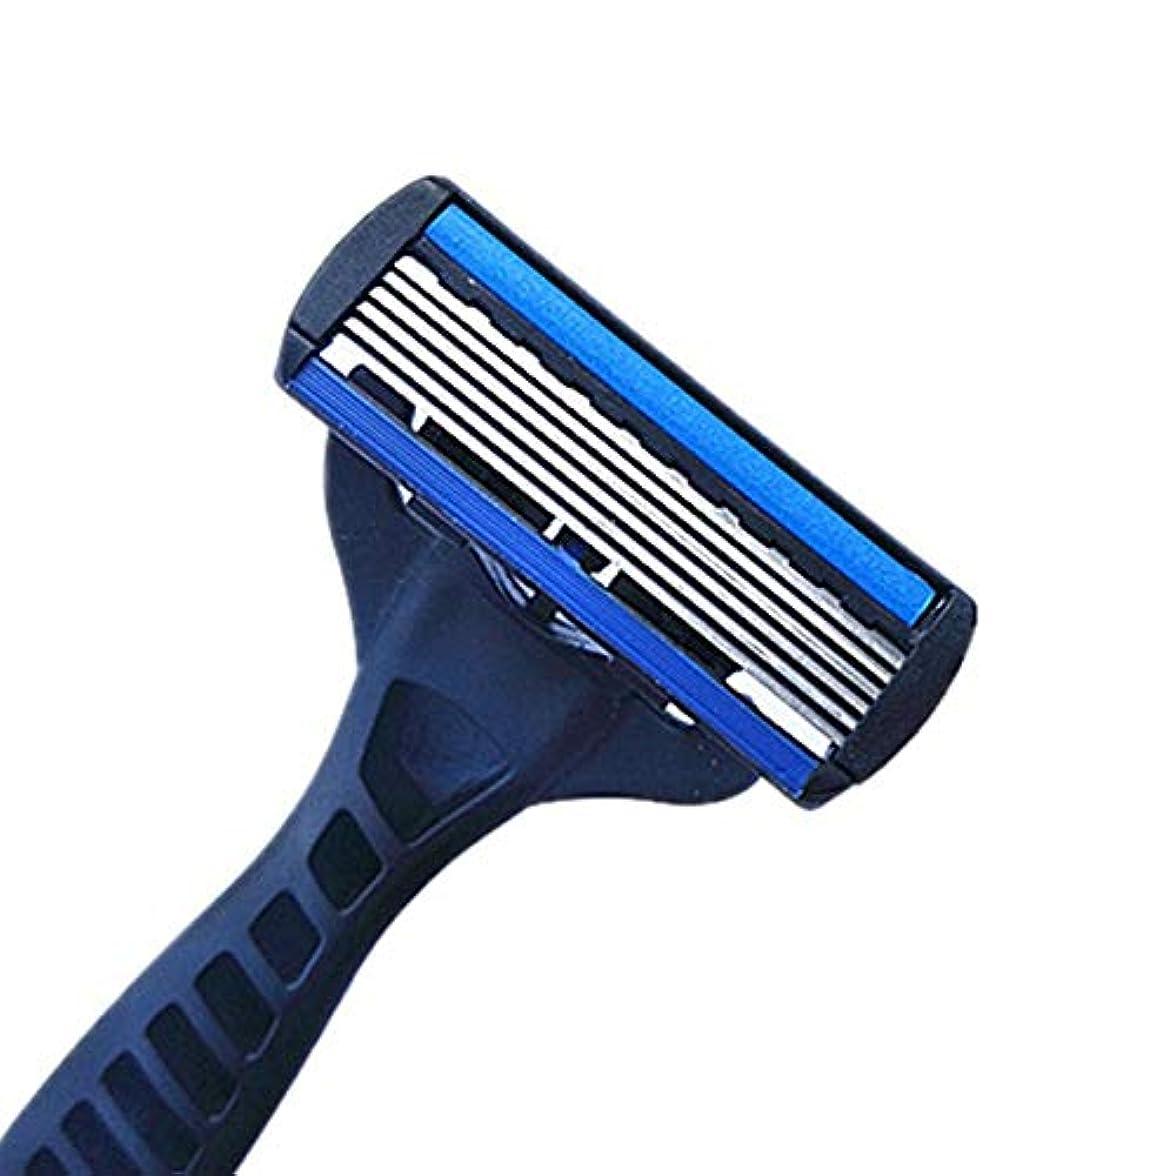 先のことを考える大理石アクセント1+4 Combo Set Men Safety Traditional Classic 6 Layers Shaving Hair Blade Razor Manual Stainless Steel Shaving...